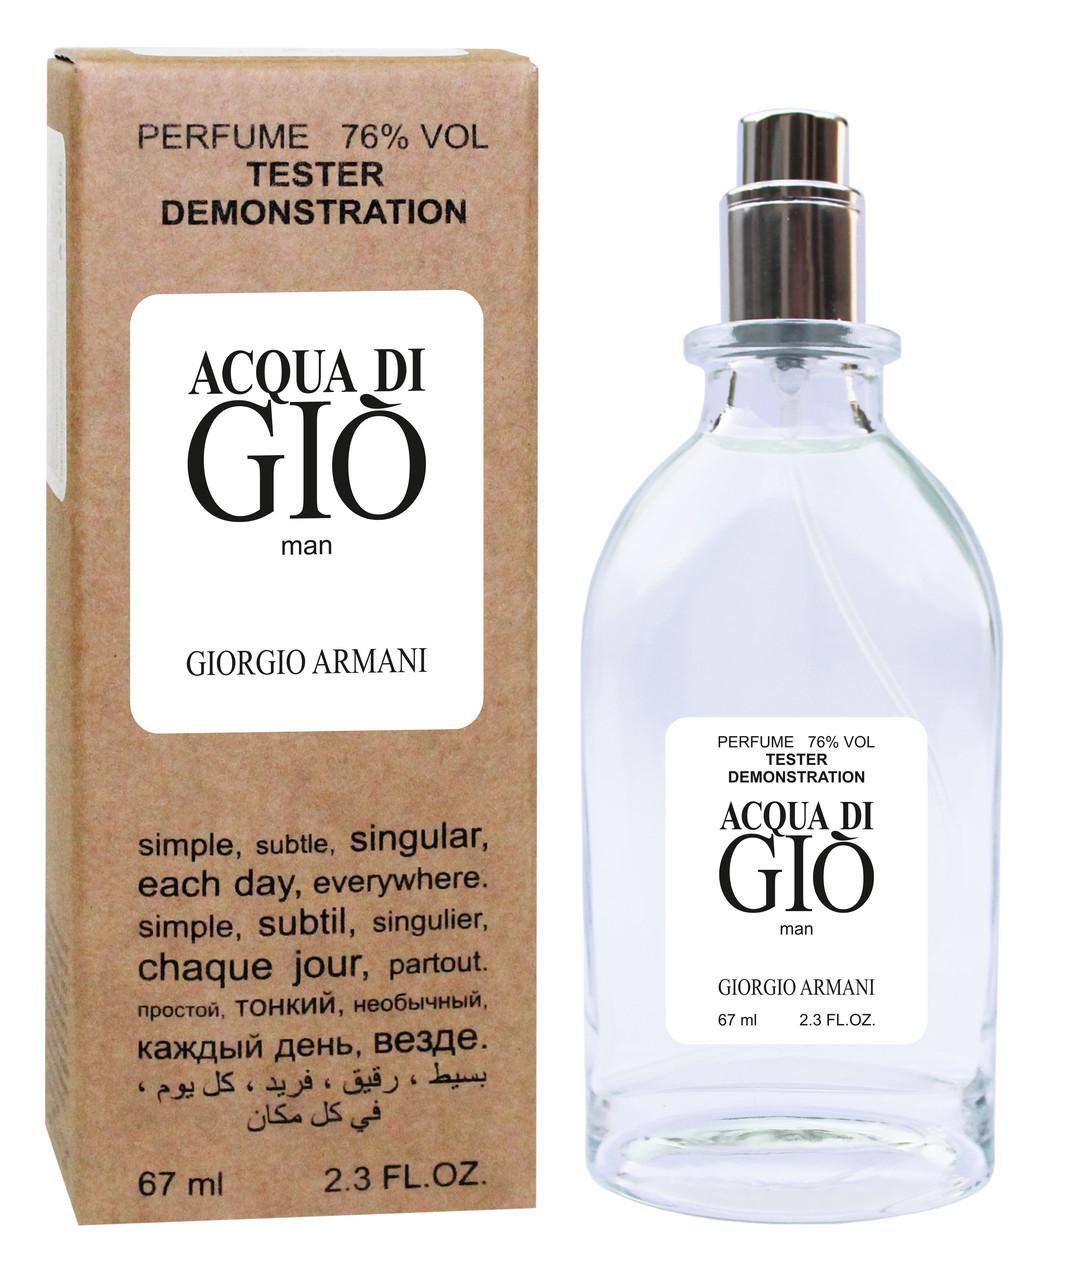 Giorgio Armani Acqua di Gio - Tester 67ml